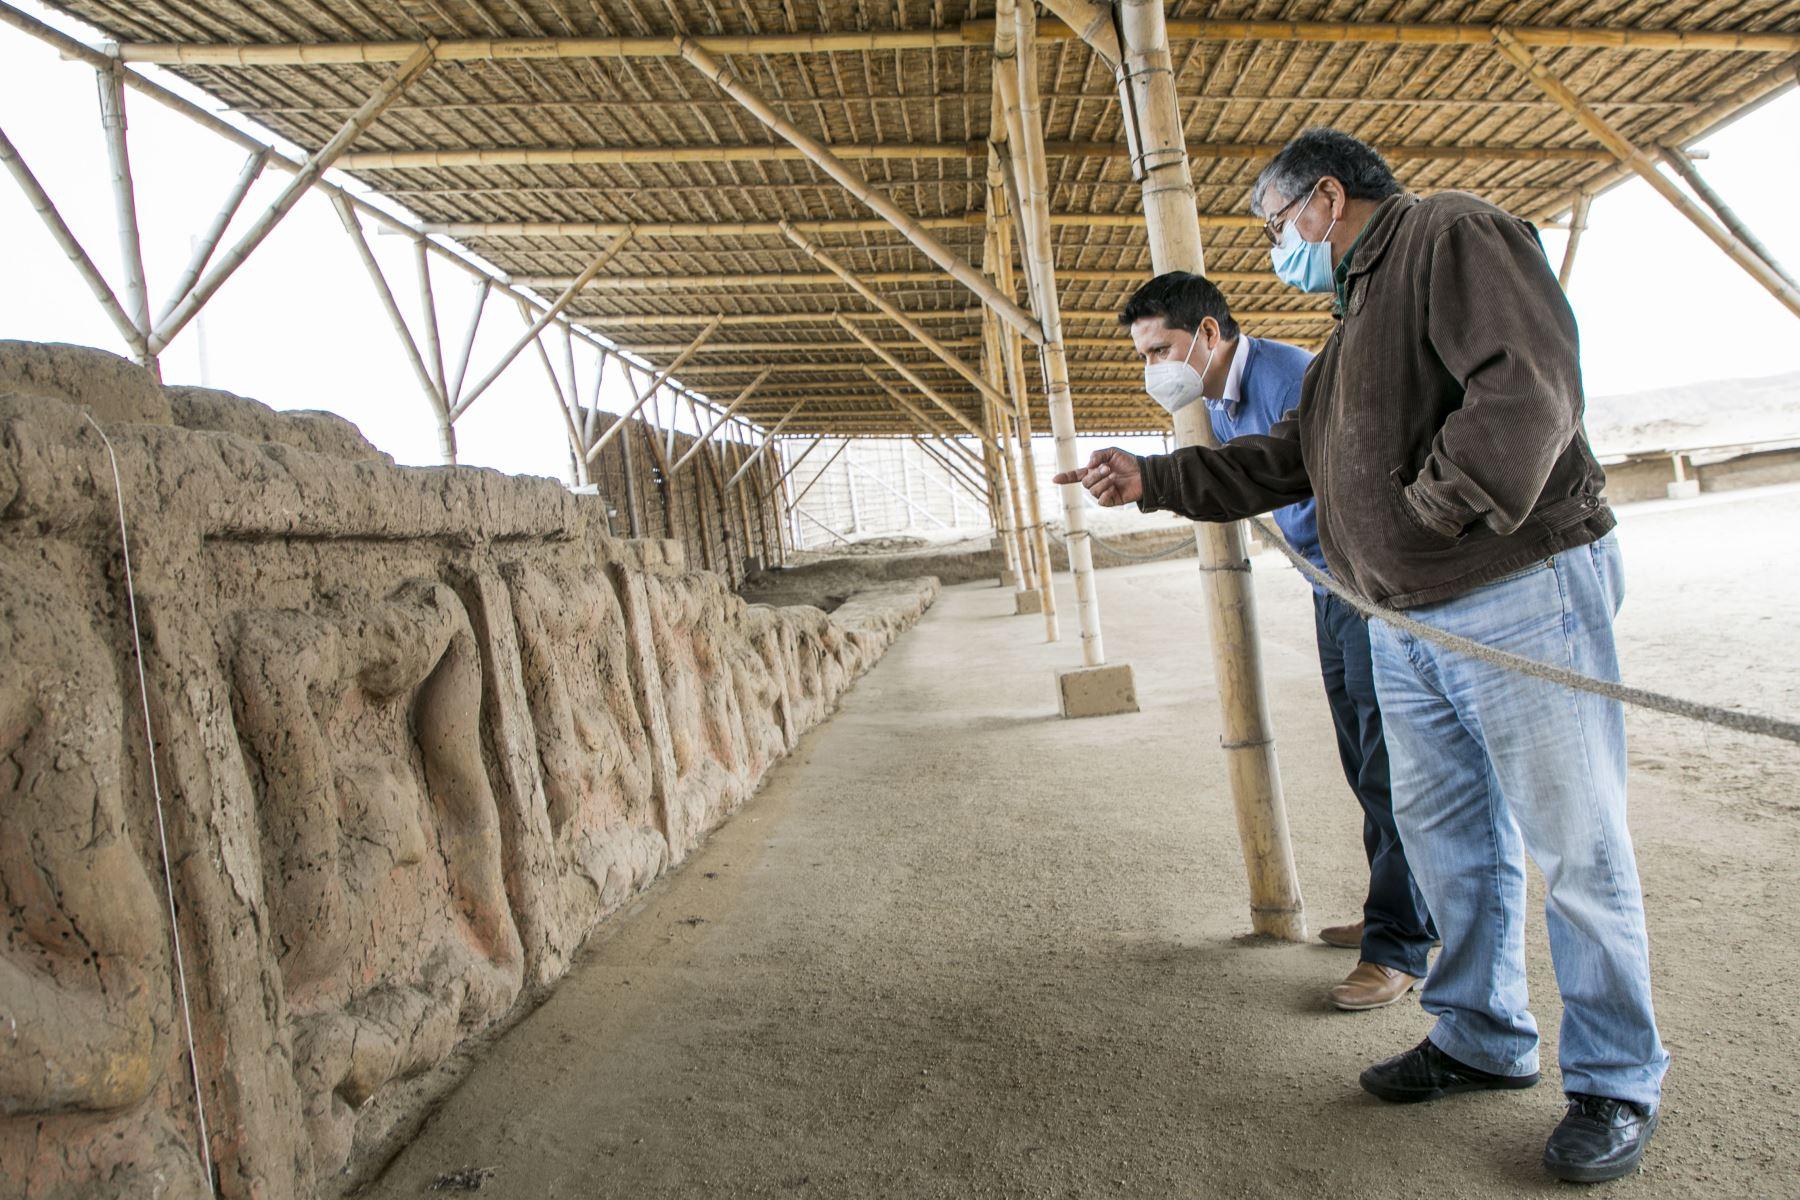 La Huaca de La Luna, sitio arqueológico de Trujillo, volverá a abrir sus puertas al público a partir del 4 de noviembre. ANDINA/archivo